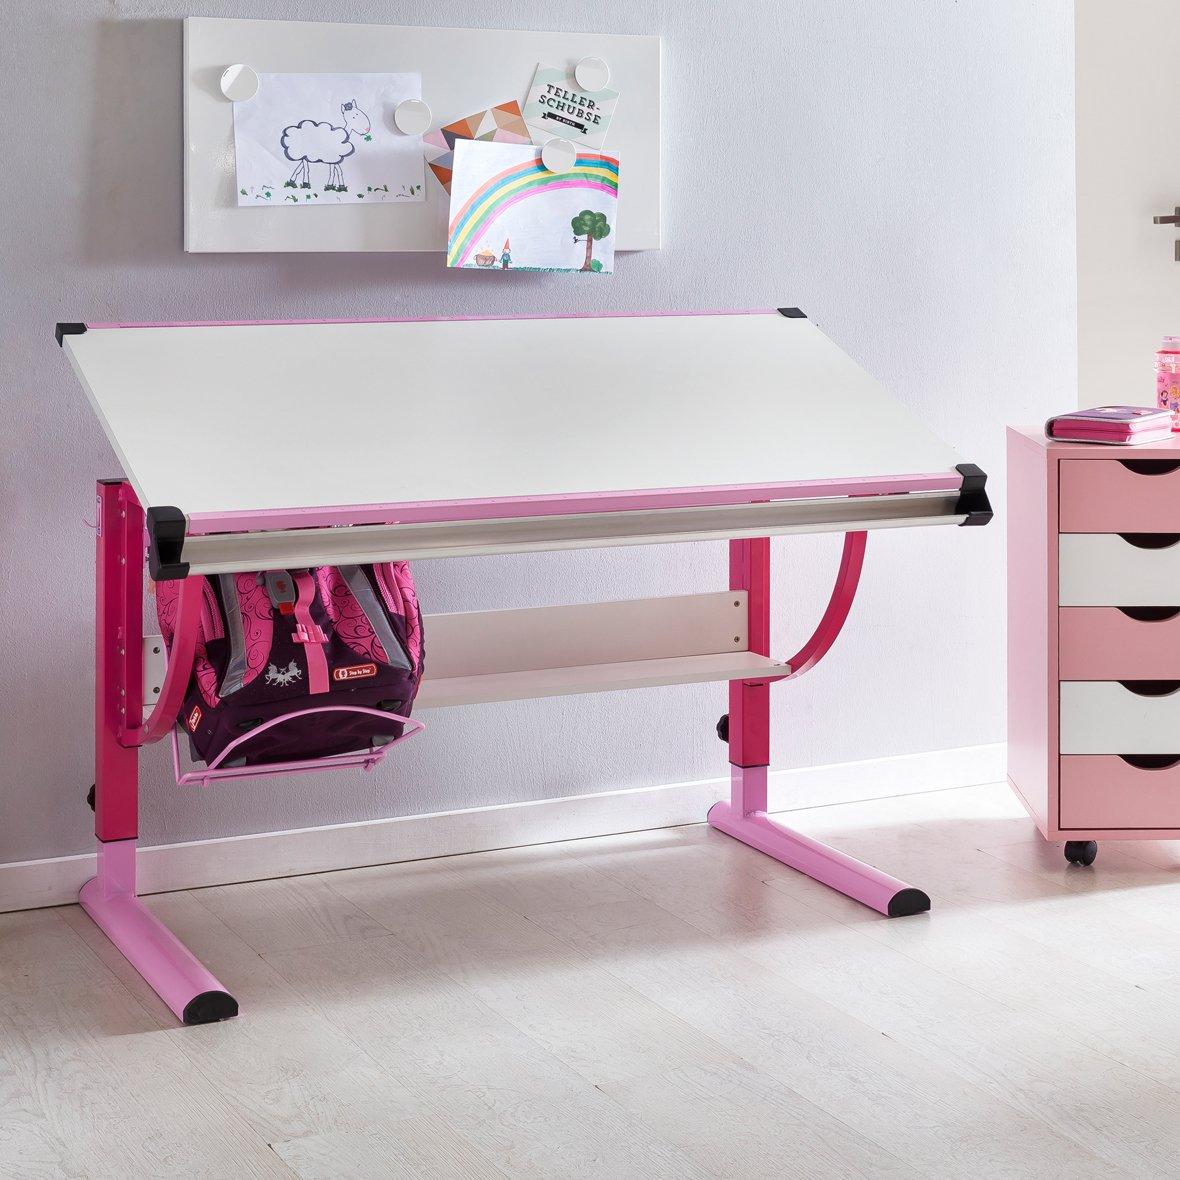 Design Kinderschreibtisch Moritz Holz 120 x 60 cm rosa/weiß   Mädchen Schülerschreibtisch neigungs-verstellbar   Schreibtisch Kinder höhenverstellbar